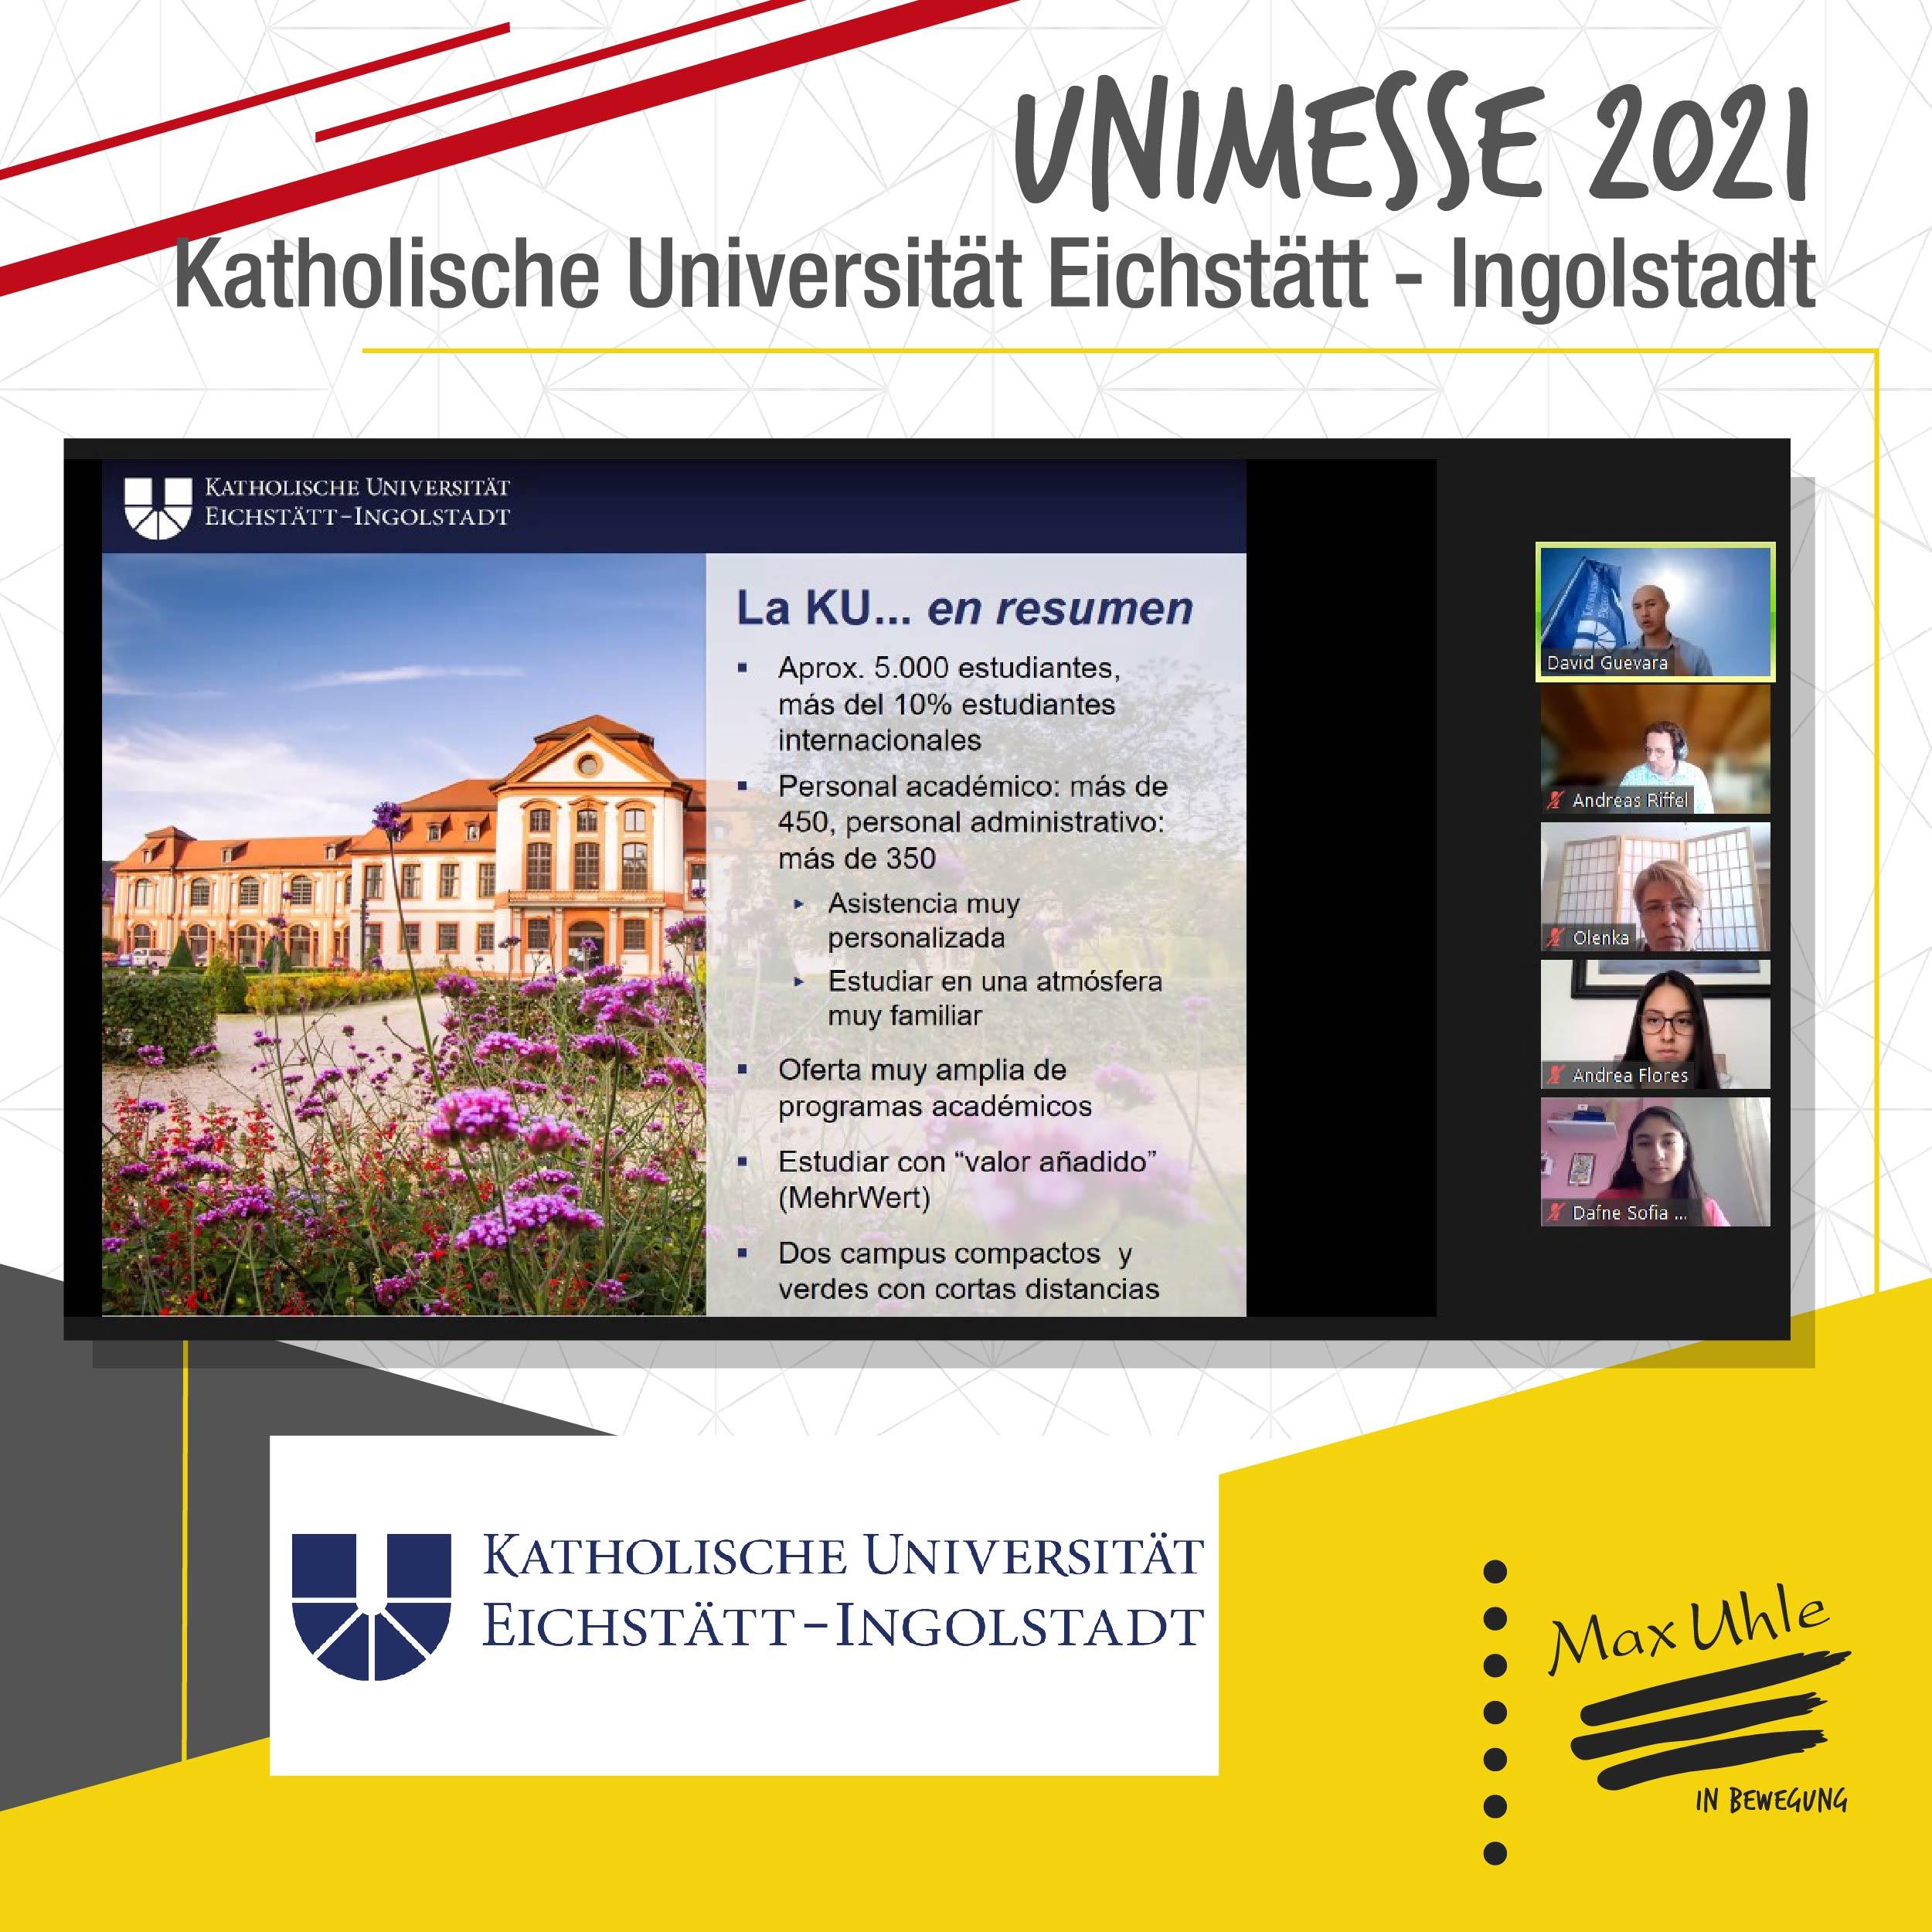 Katholische - Unimesse 2021 Colegio Max Uhle